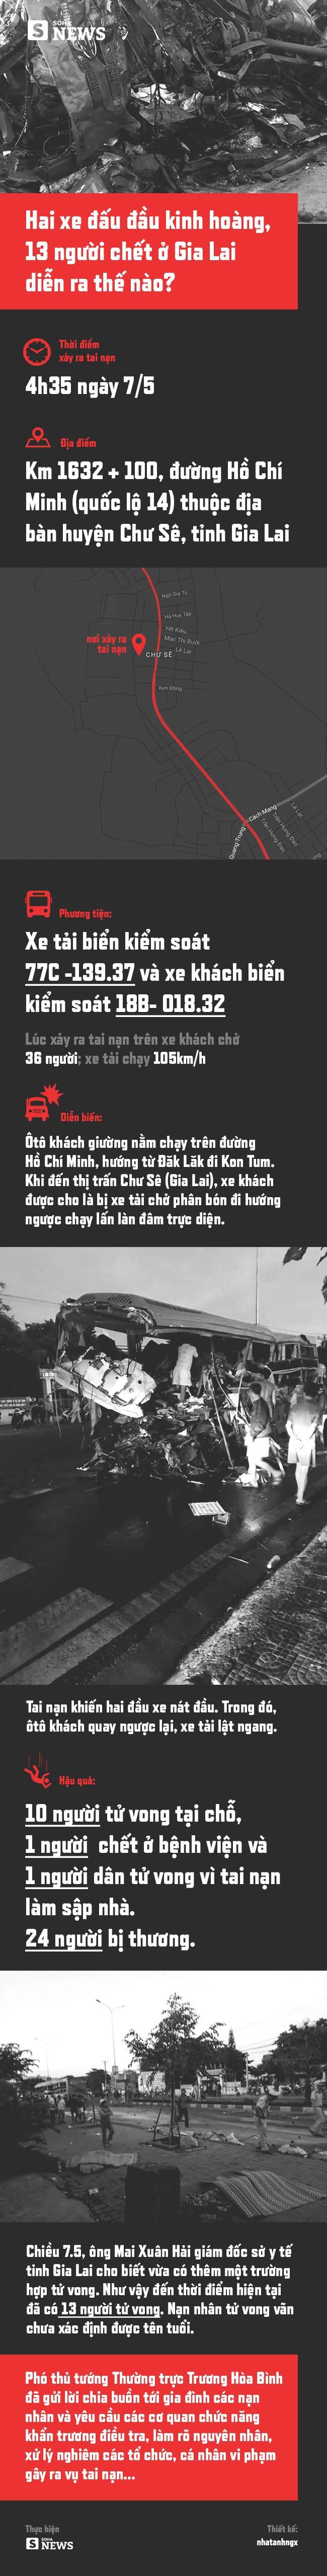 Hai xe đấu đầu kinh hoàng, 13 người chết trong vụ tai nạn ở Gia Lai diễn ra thế nào? - Ảnh 1.